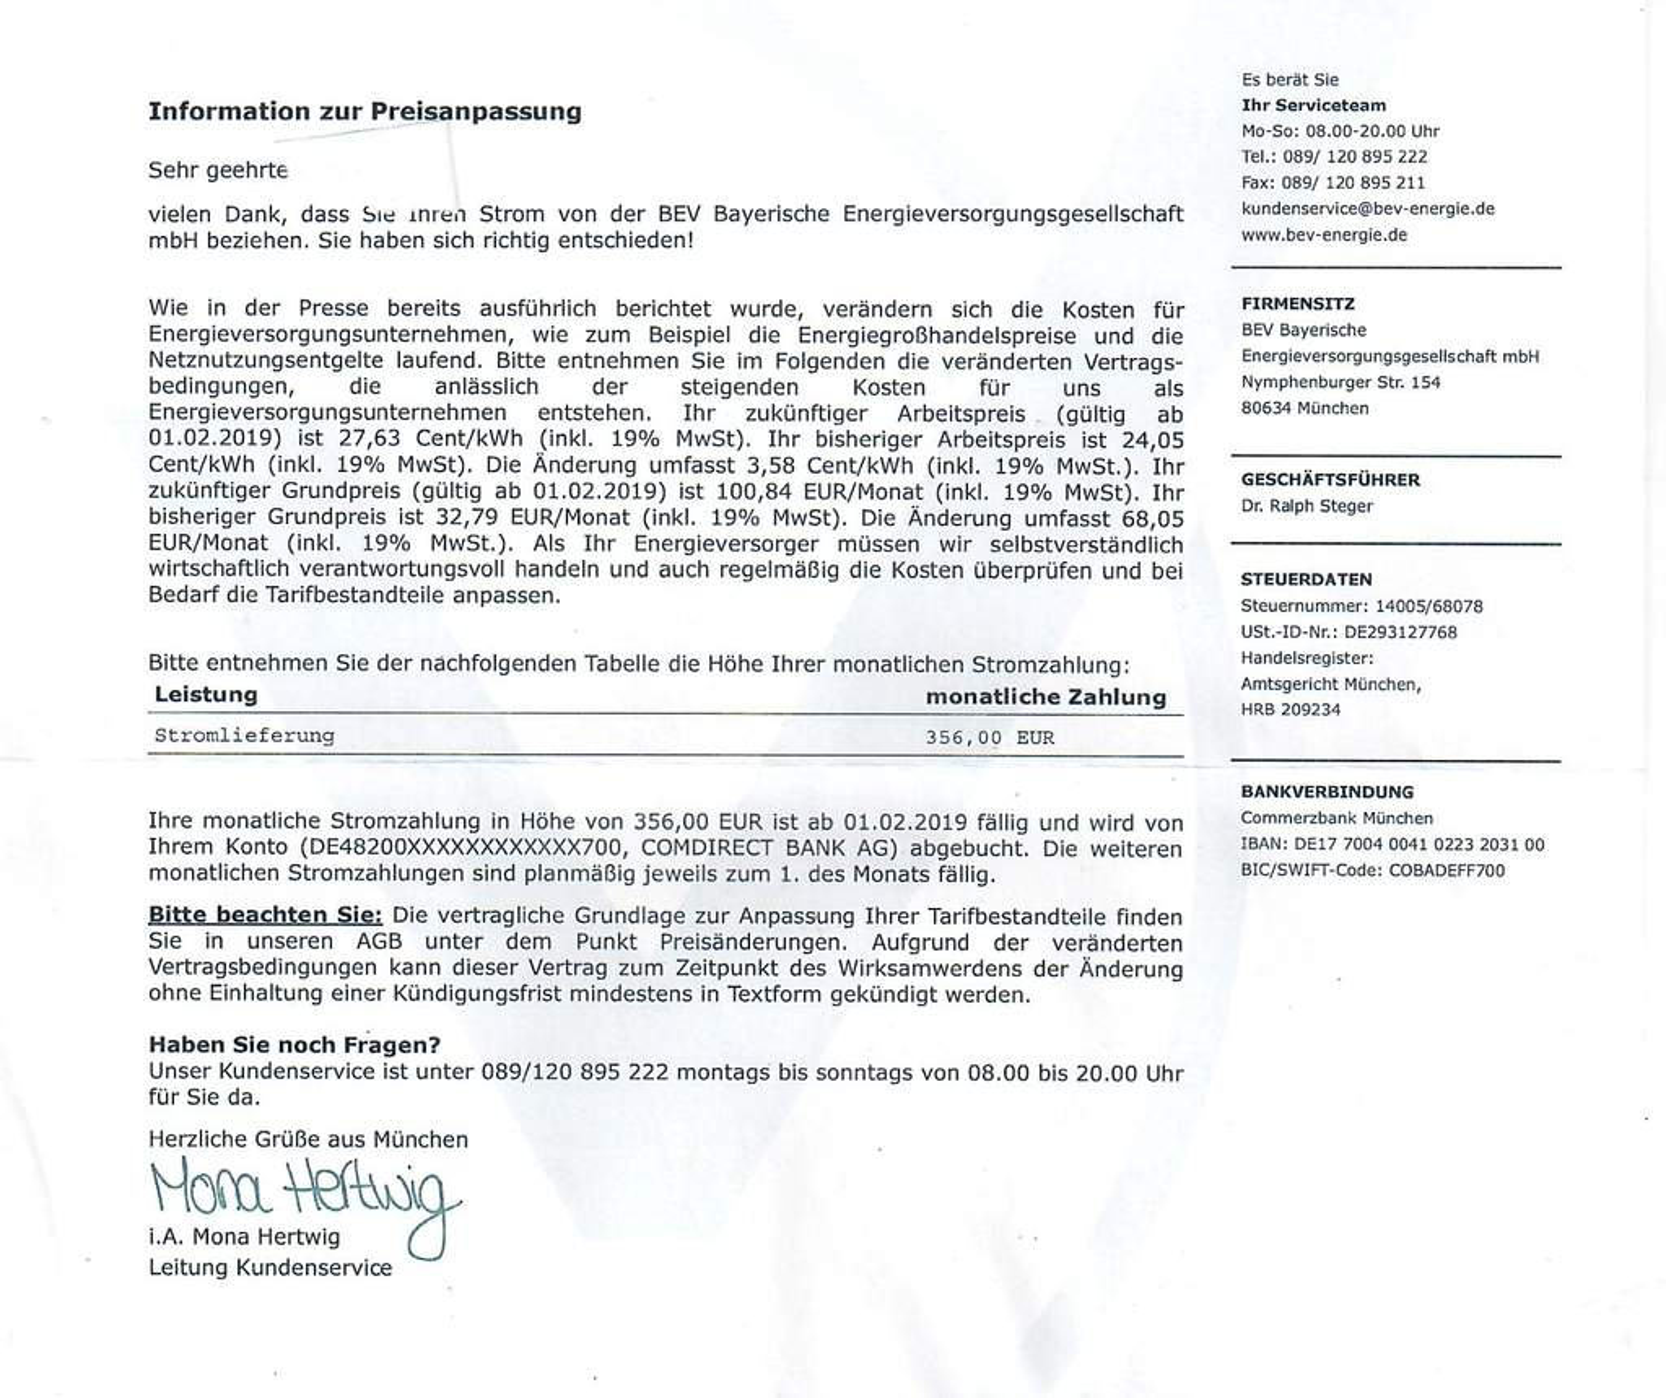 Bev Erfahrungen 196 Rger Mit Preiserh 246 Hung